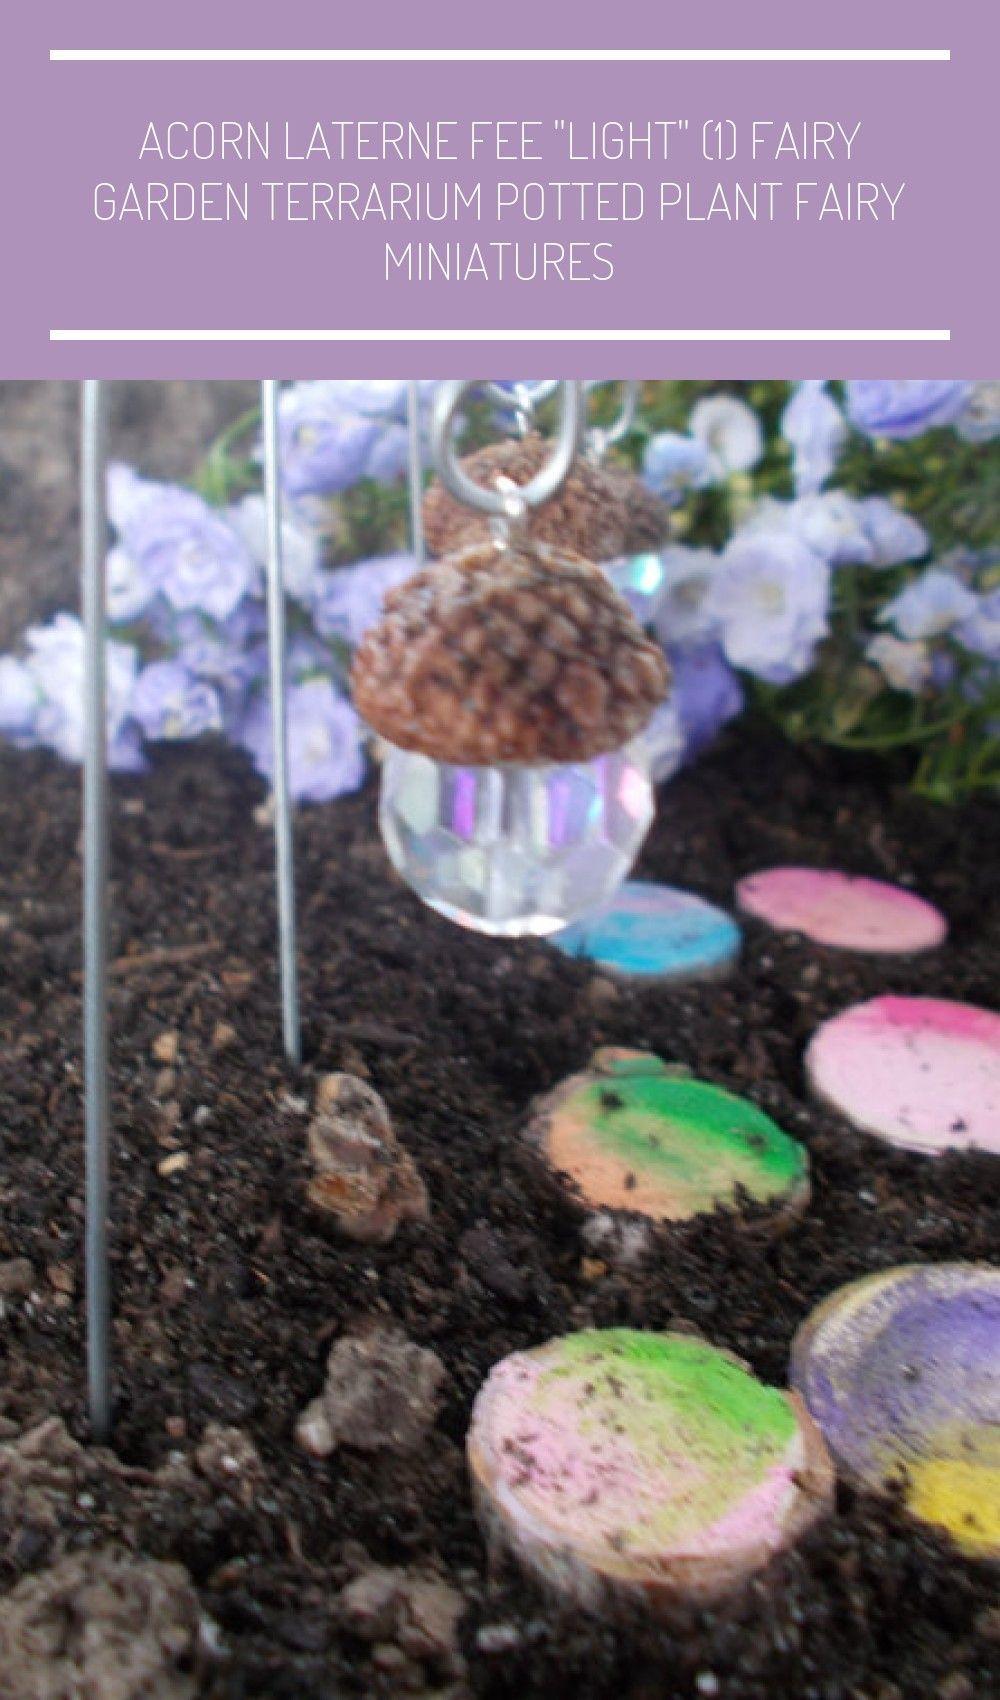 Eichel Laterne Fairy Light 1 Fee Garten Terrarium Topfpflanzen Pflanze Fee Miniaturen Von Fairyelements Fairy Garden Te In 2020 Laterne Garten Topfpflanzen Eichel